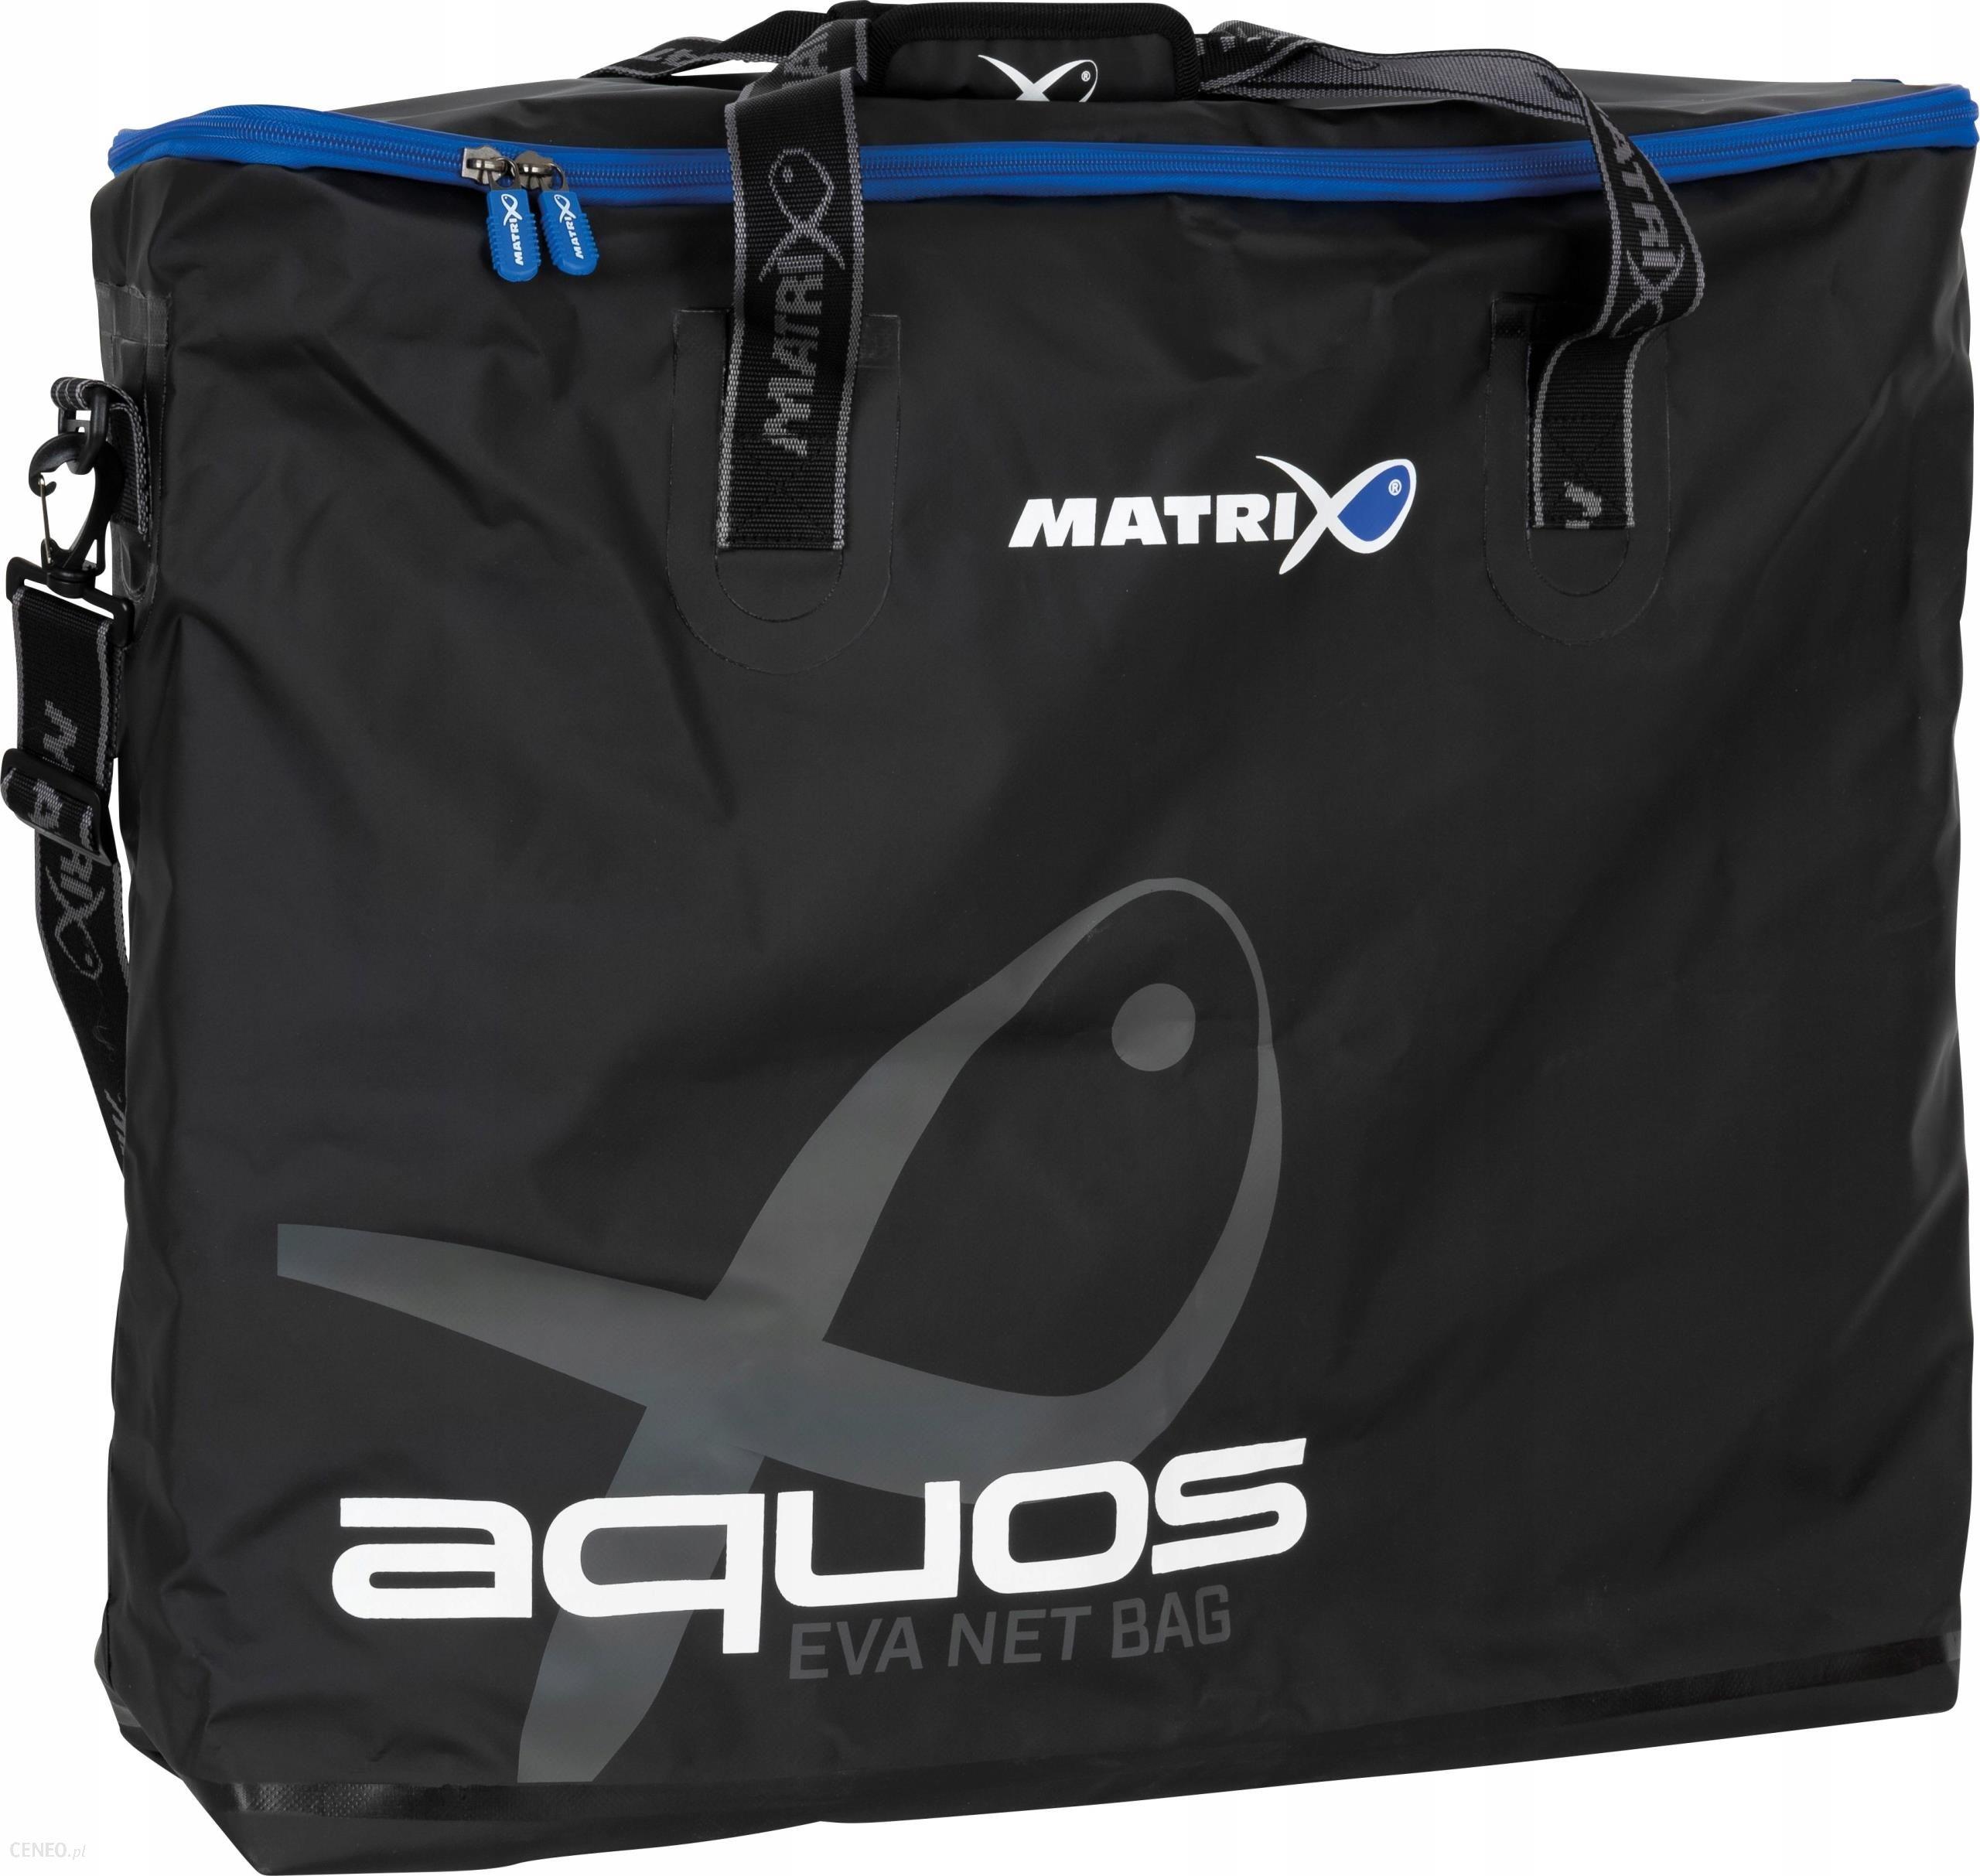 Pokrowiec Na Siatki Matrix Aquos Pvc 2 Bag GLU105